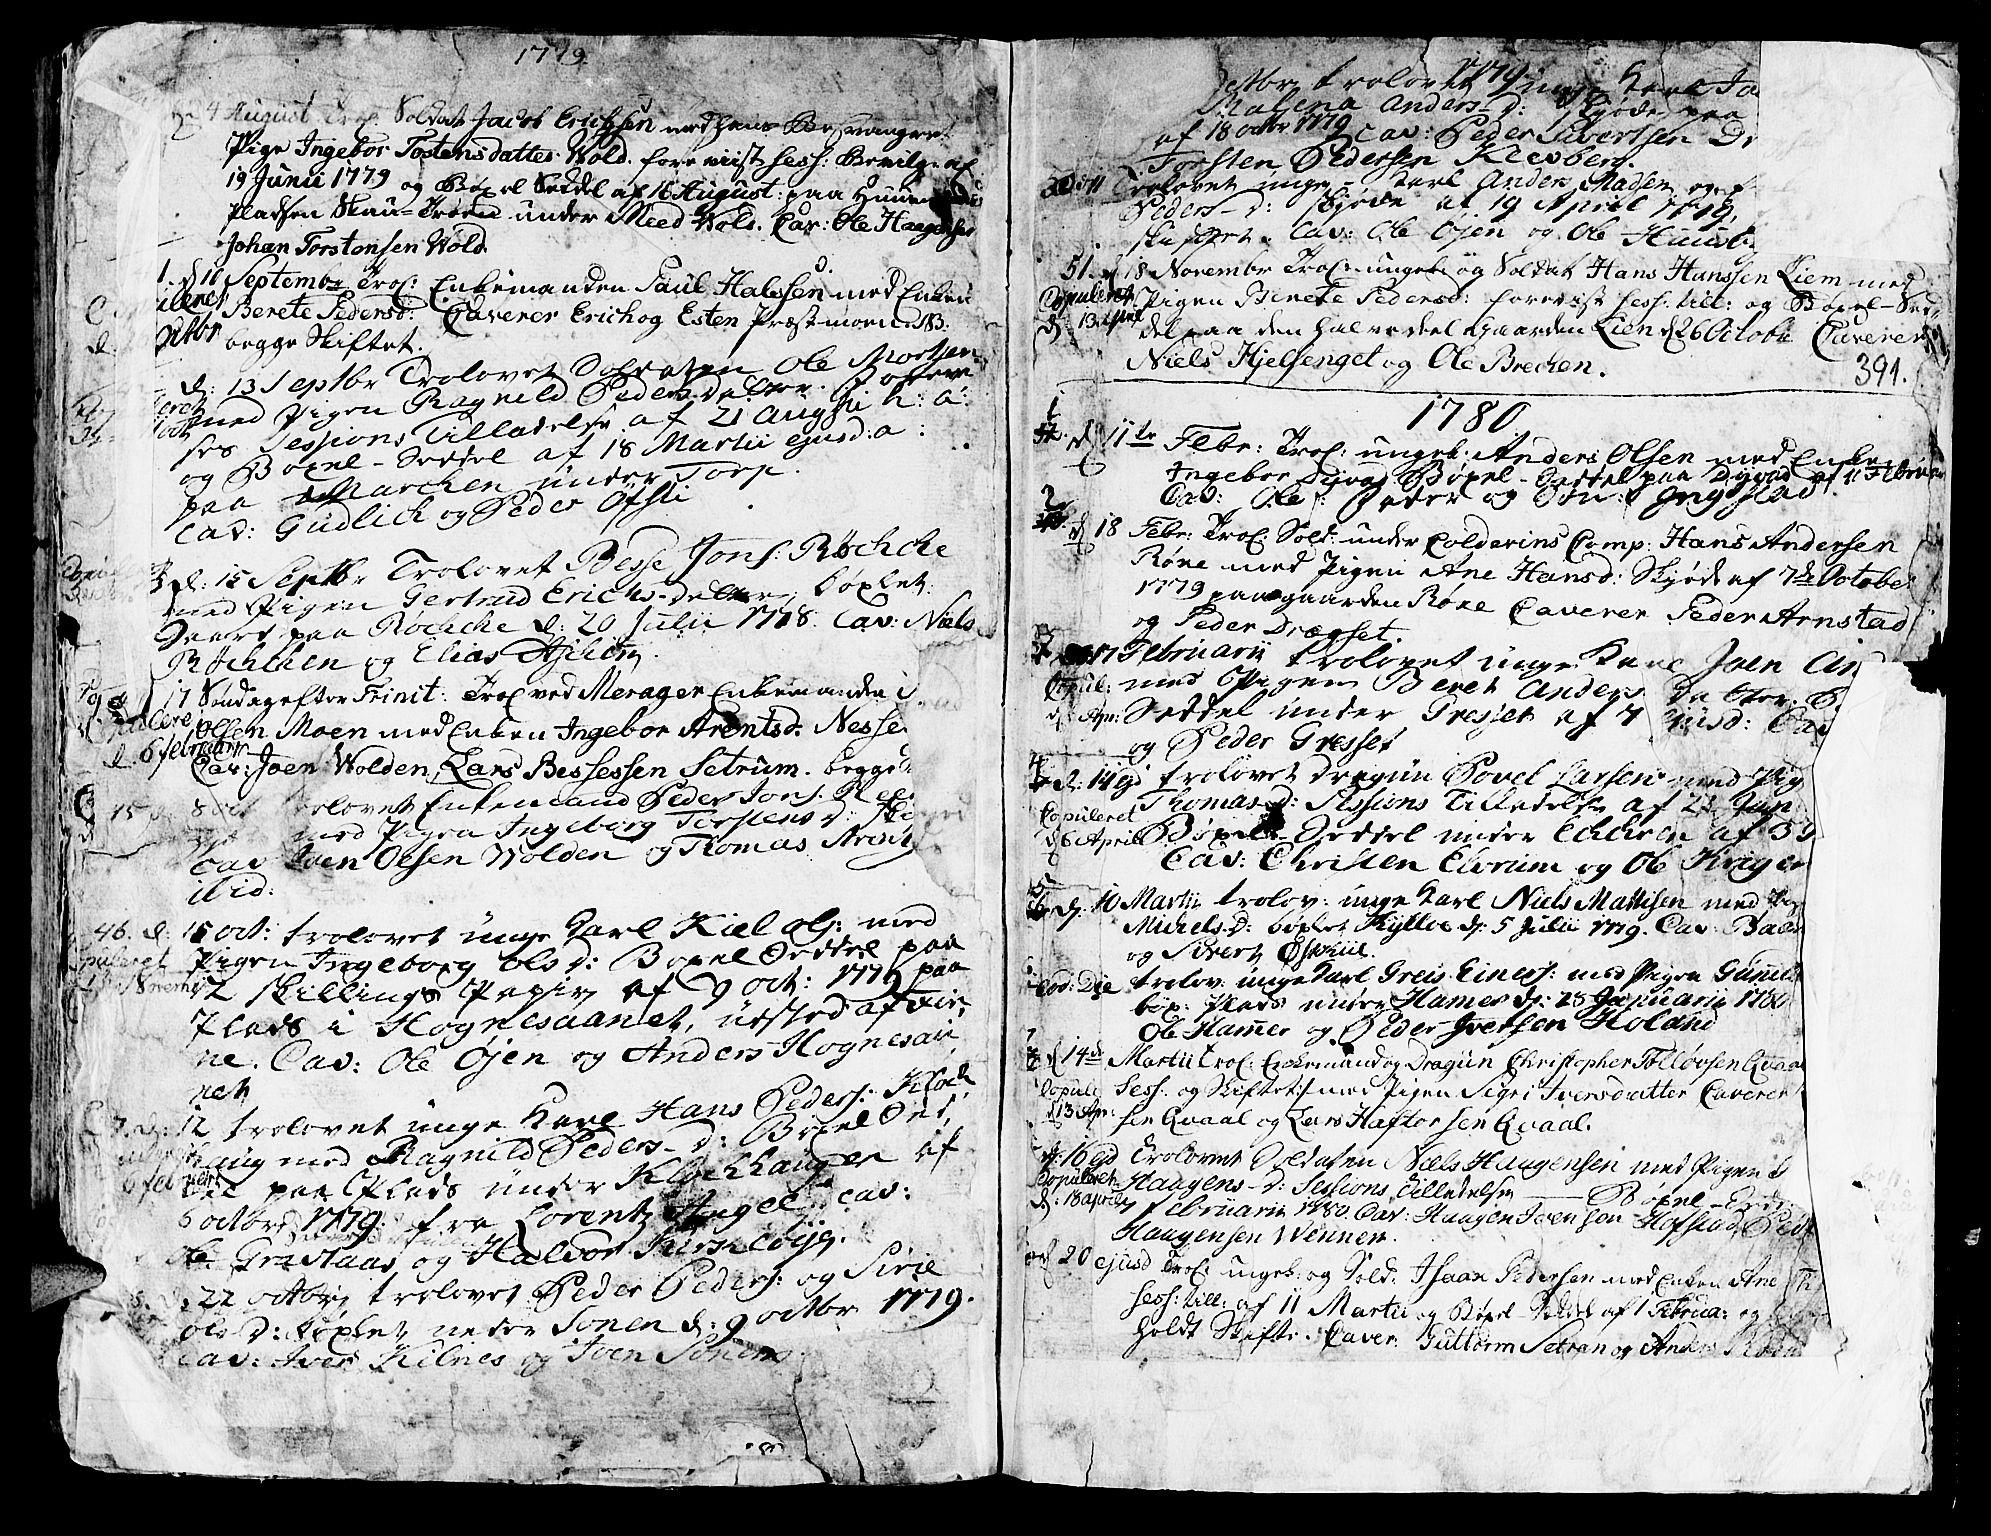 SAT, Ministerialprotokoller, klokkerbøker og fødselsregistre - Nord-Trøndelag, 709/L0057: Ministerialbok nr. 709A05, 1755-1780, s. 391